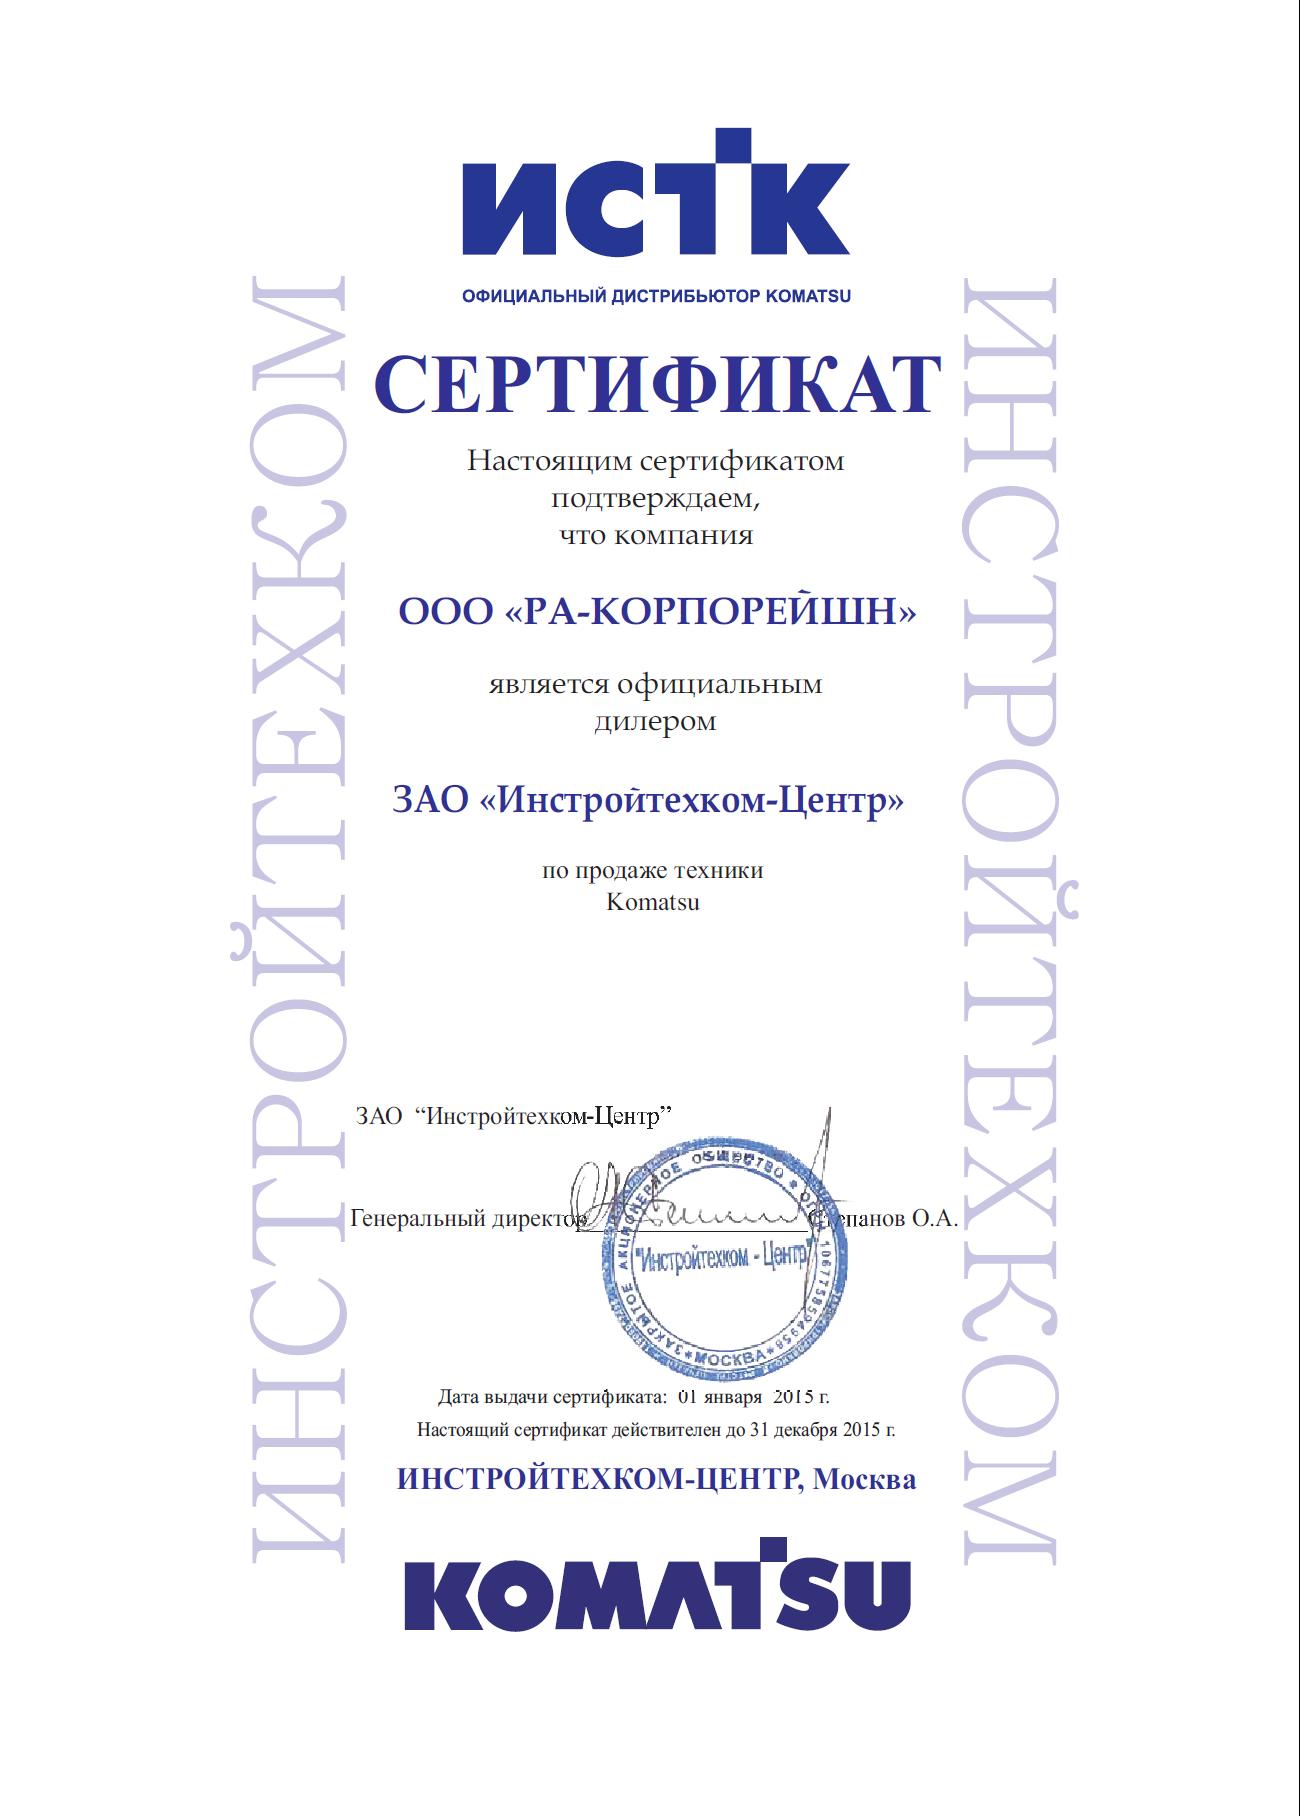 сертификат коматсу